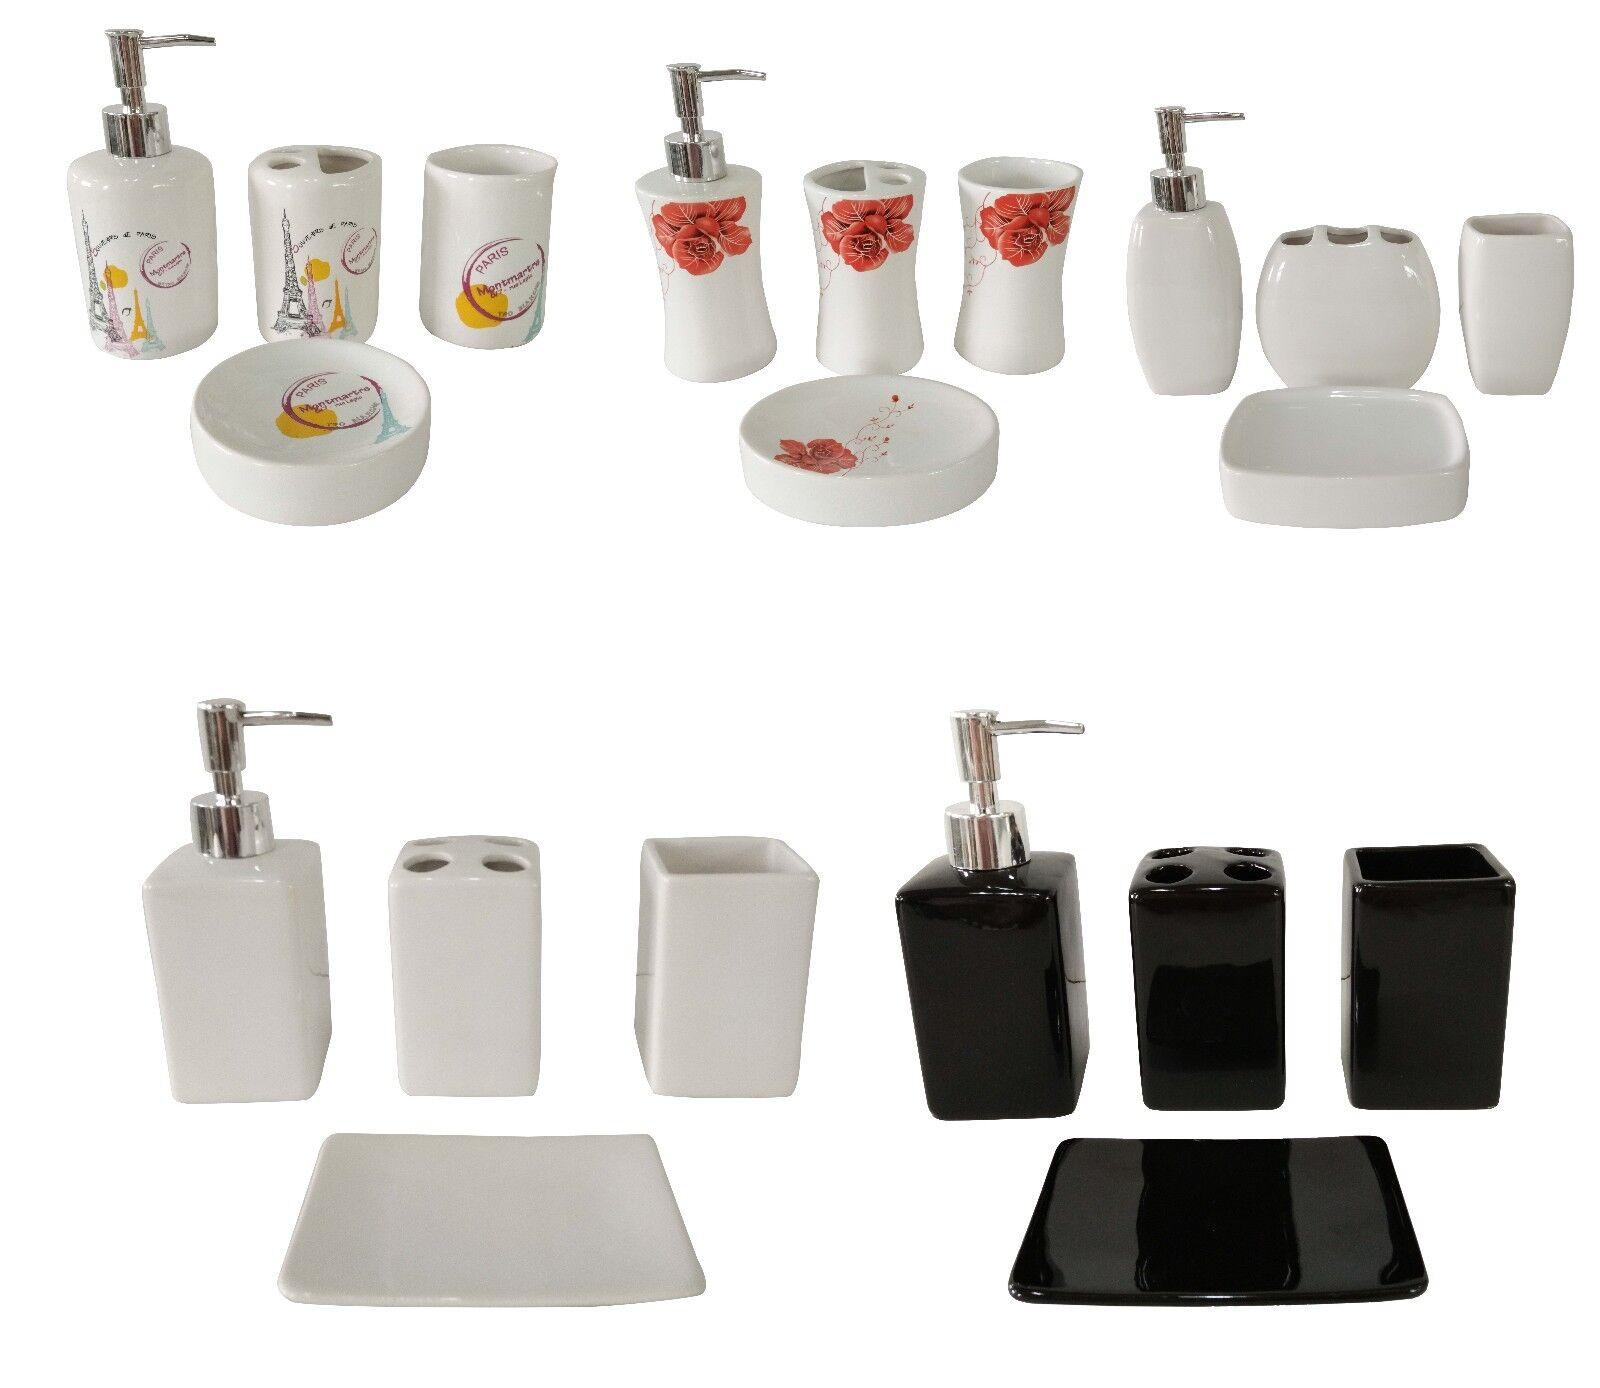 details sur fingey moderne 4 piece ceramique salle de bain accessoires bain kit